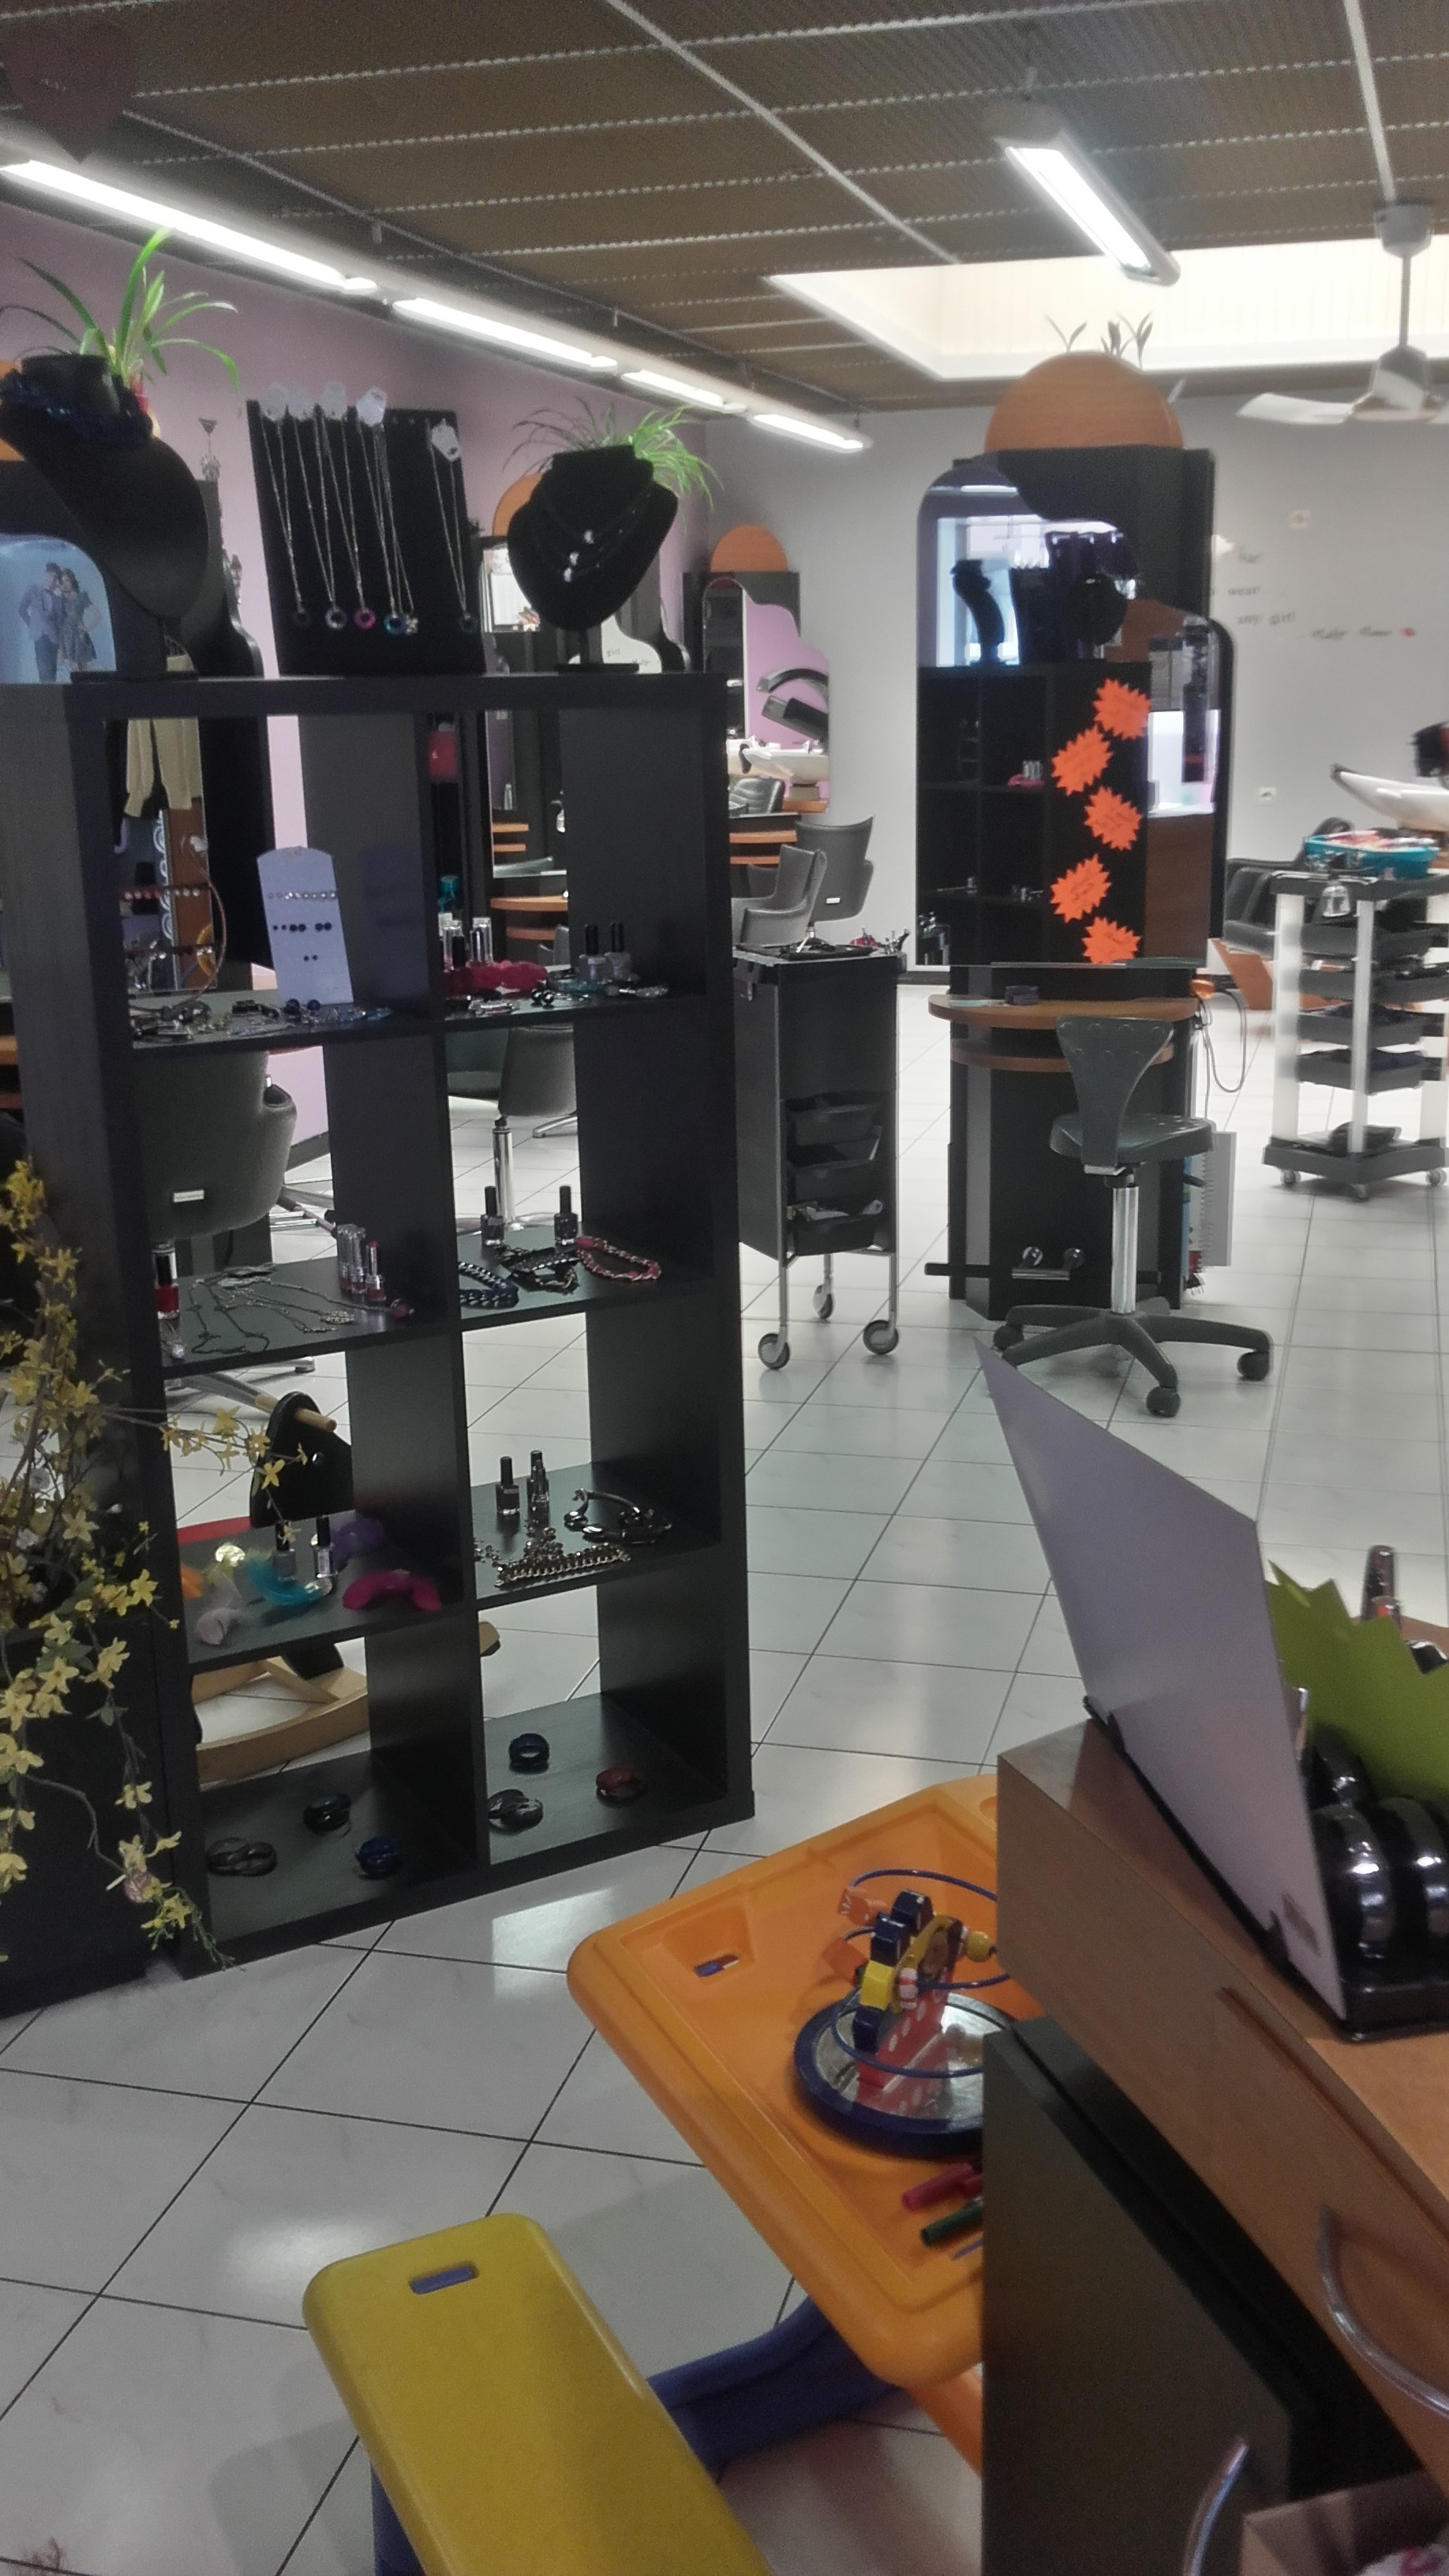 Salons de coiffure coiffure c style - Meilleur salon de coiffure bruxelles ...